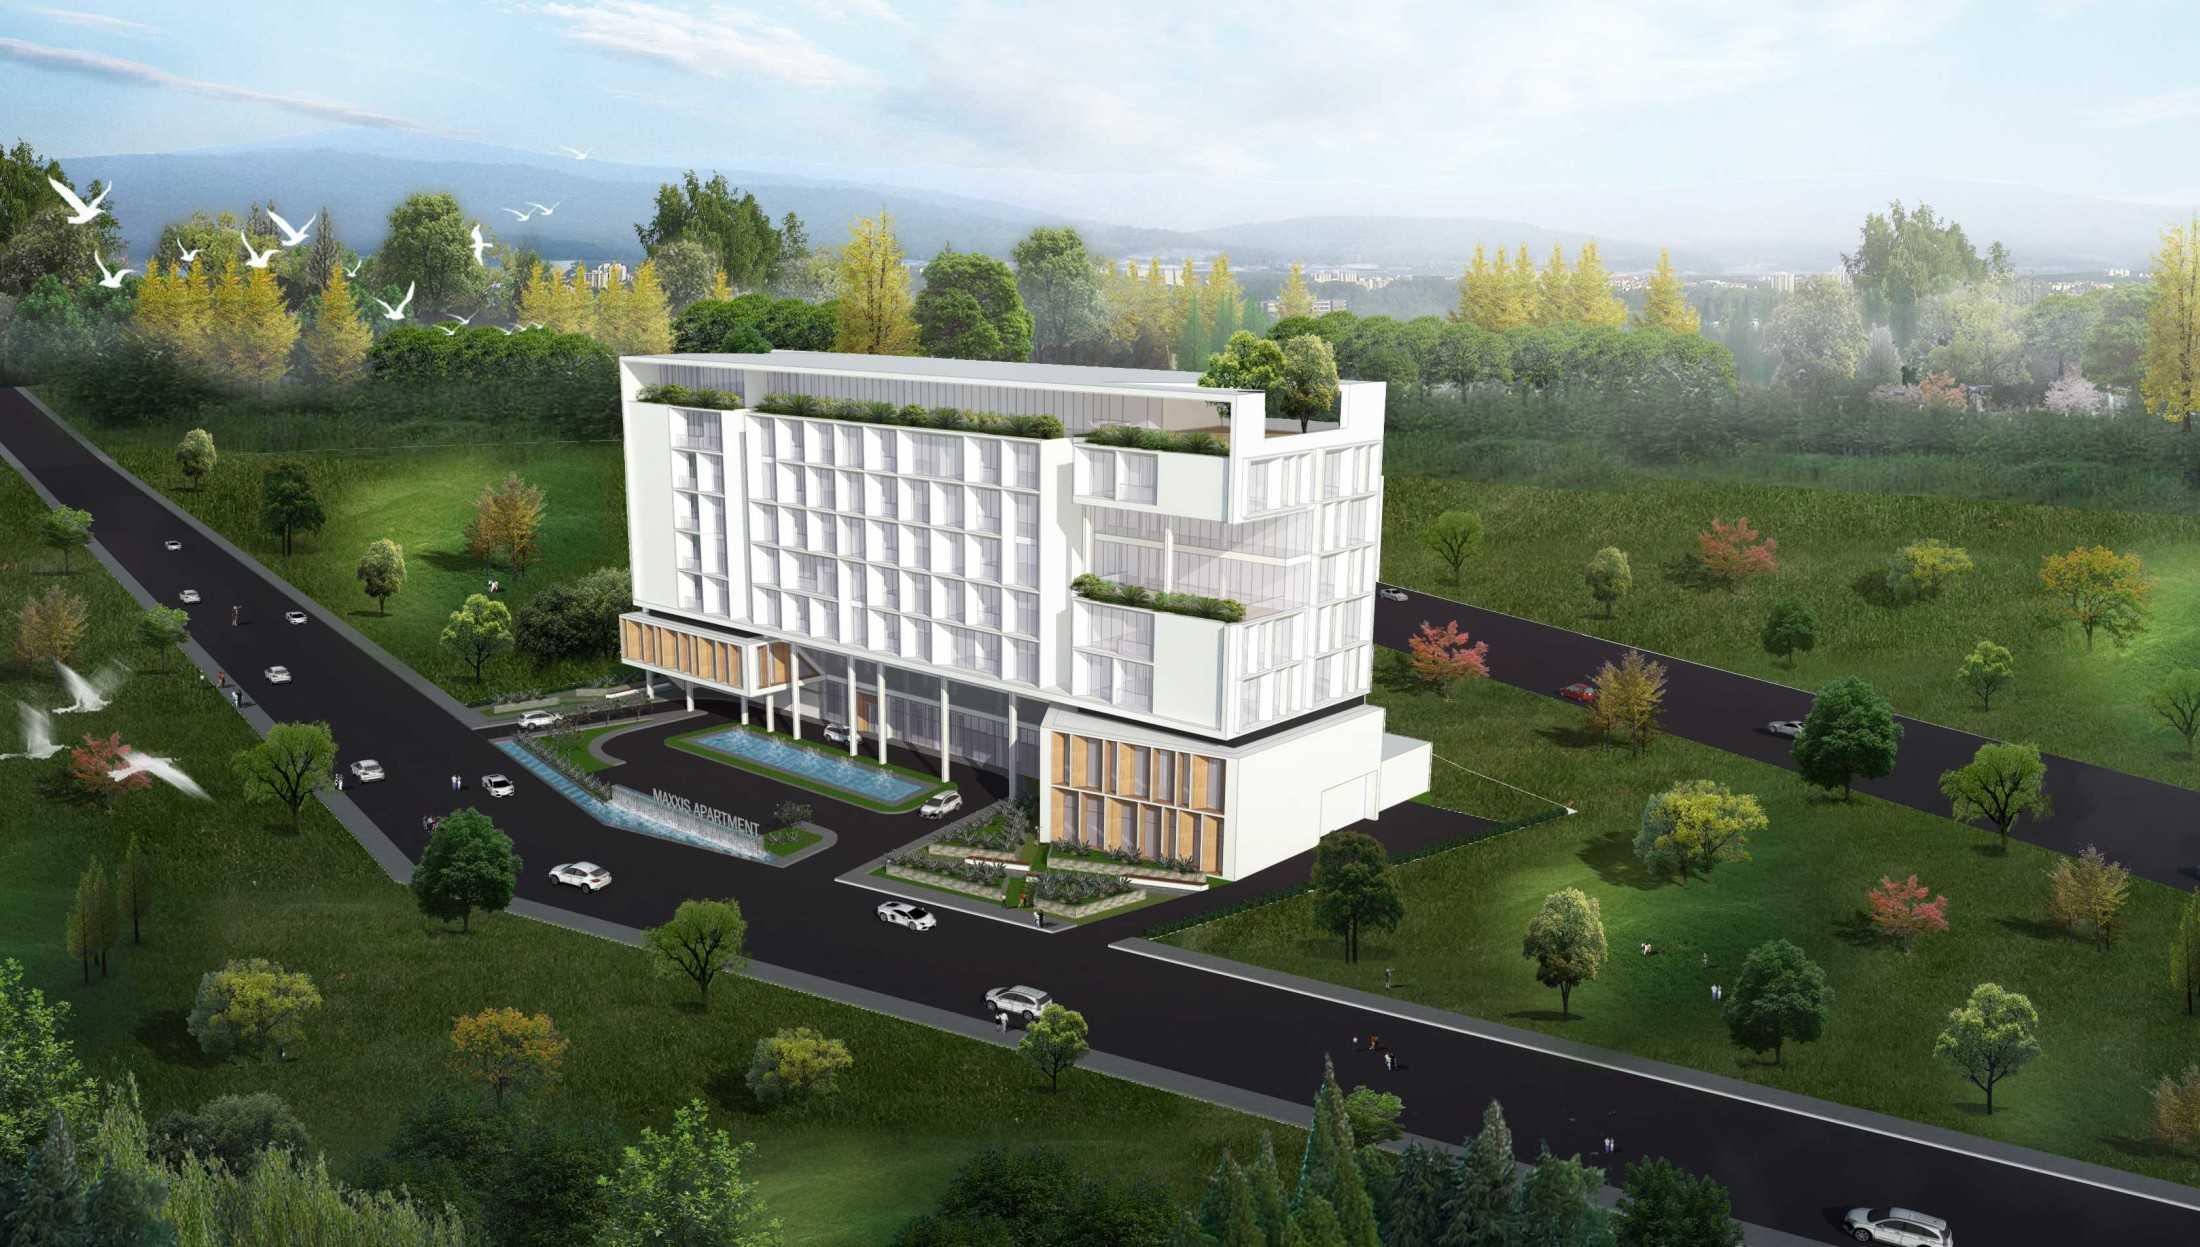 Alima Studio Apartment Maxxis Cikarang, Bekasi, Jawa Barat, Indonesia Cikarang, Bekasi, Jawa Barat, Indonesia Alima-Studio-Apartment-Maxxis  57243